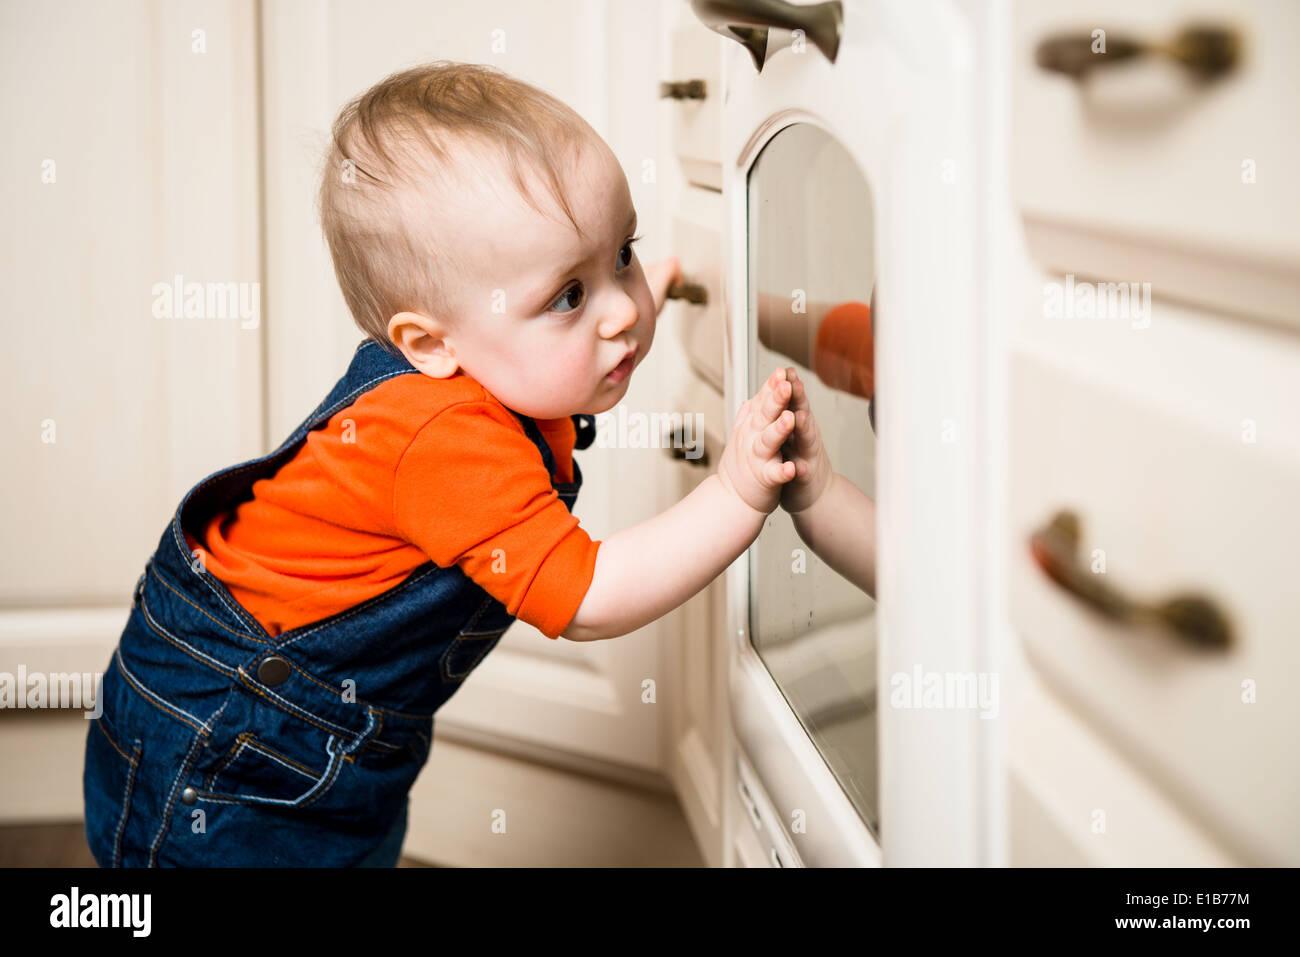 Neugierig Baby watching durch Glas Küche Backofen Stockbild